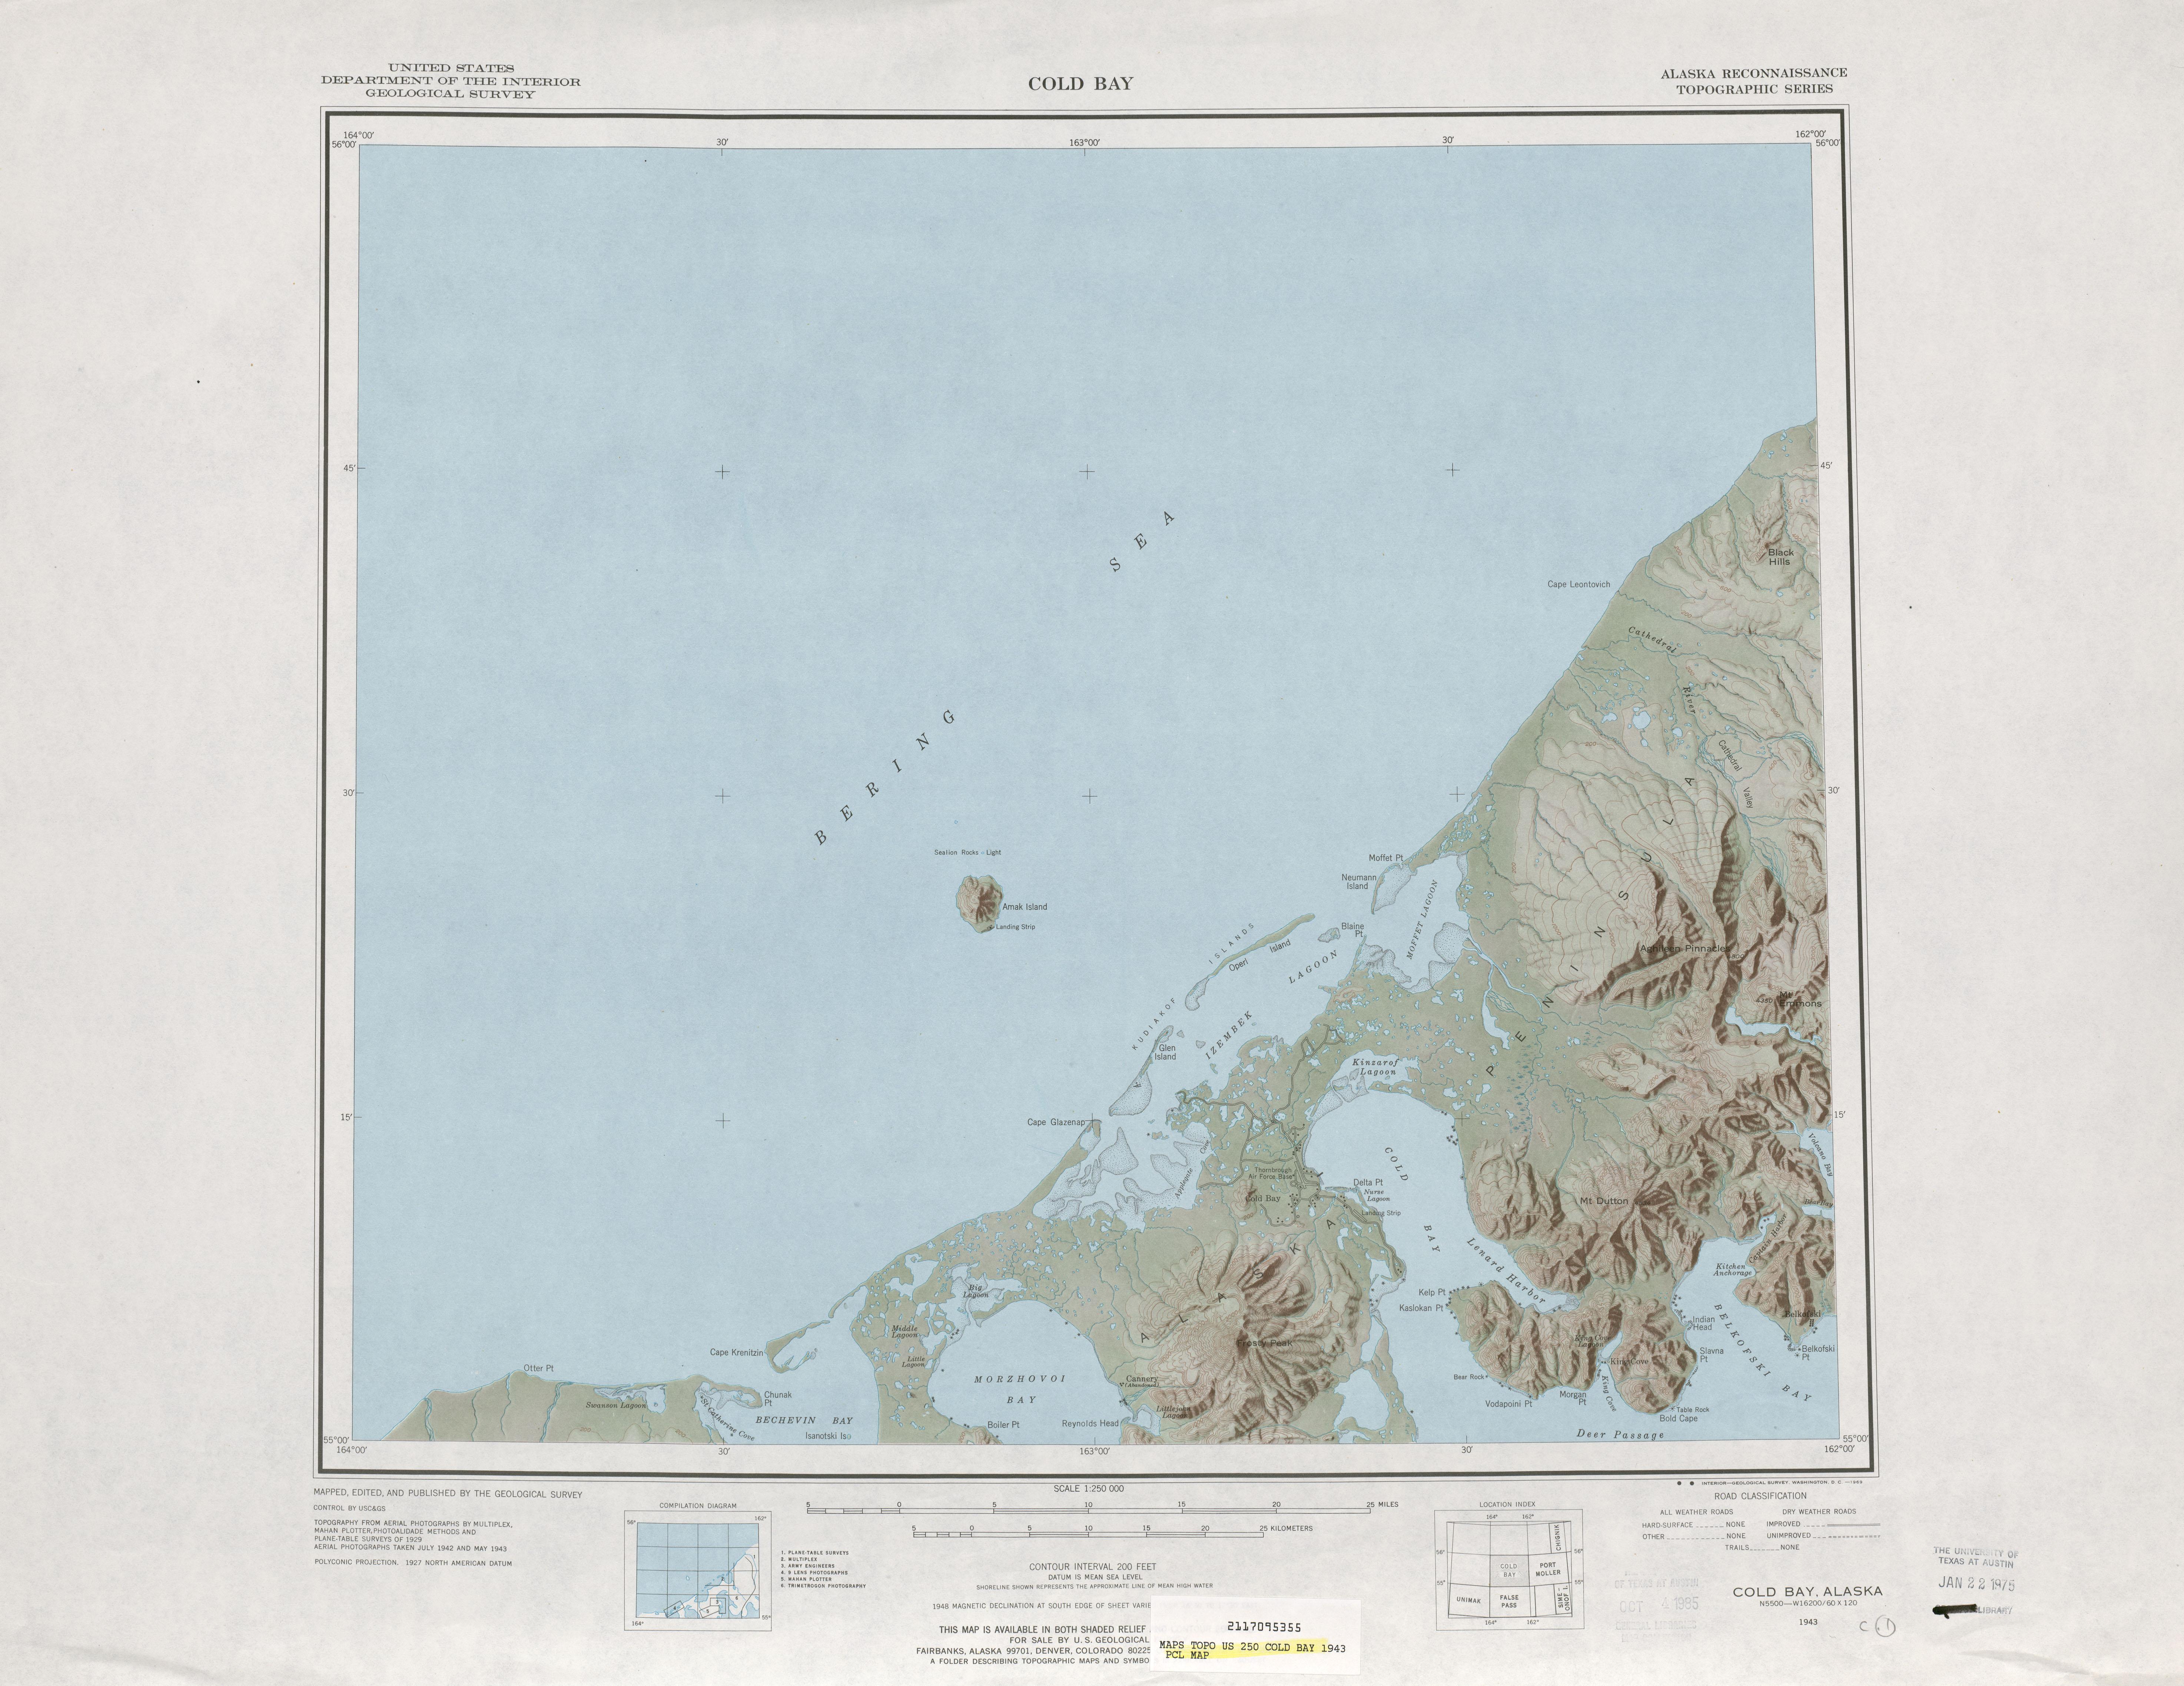 Hoja Cold Bay del Mapa de Relieve Sombreado de los Estados Unidos 1943